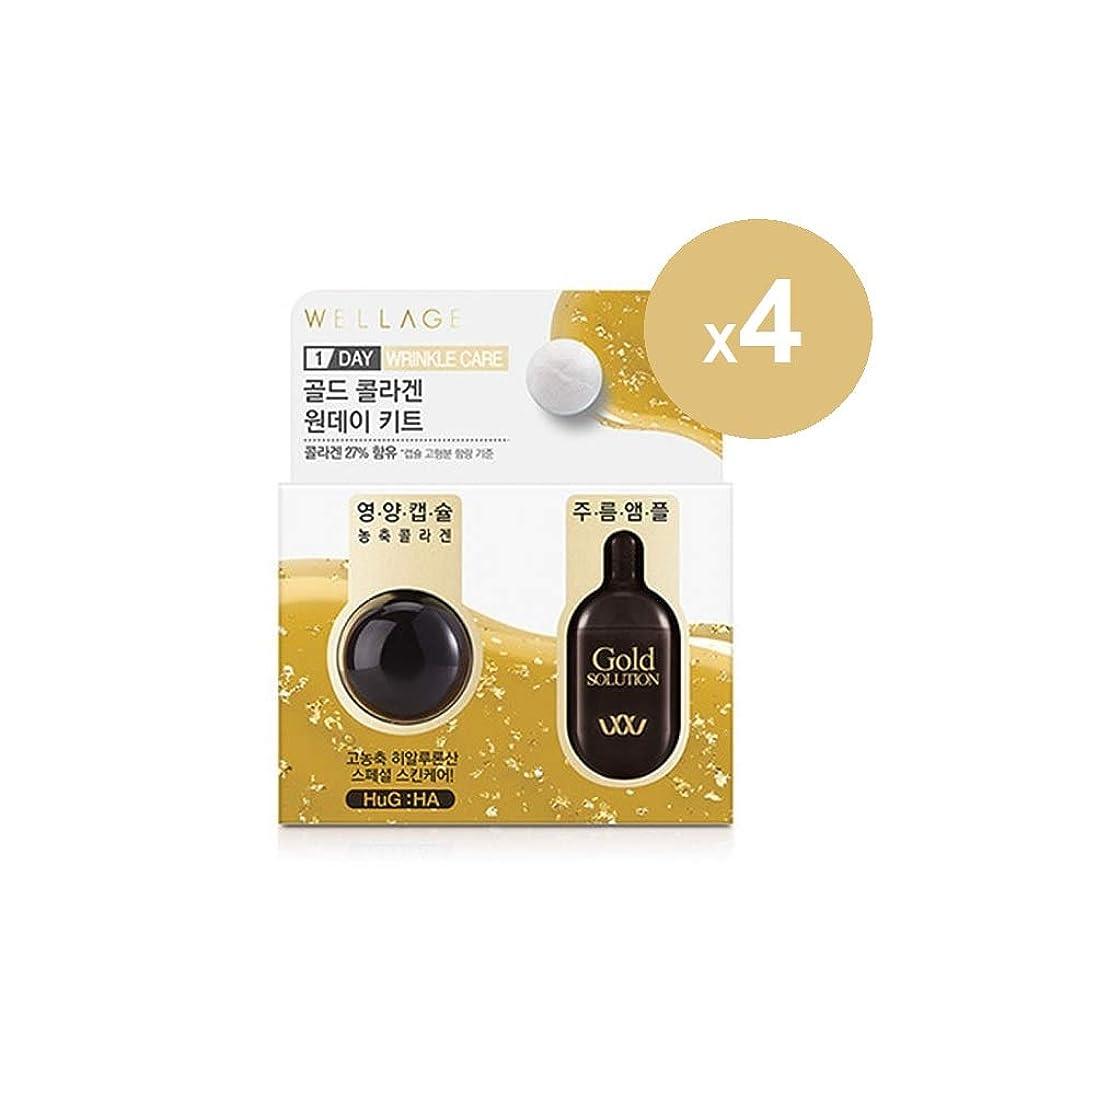 シエスタ前書き作詞家wellage☆Real Collagen Bio Capsule&Gold Solution☆ウェルラジュ ゴールドコラーゲン1dayキット [並行輸入品]